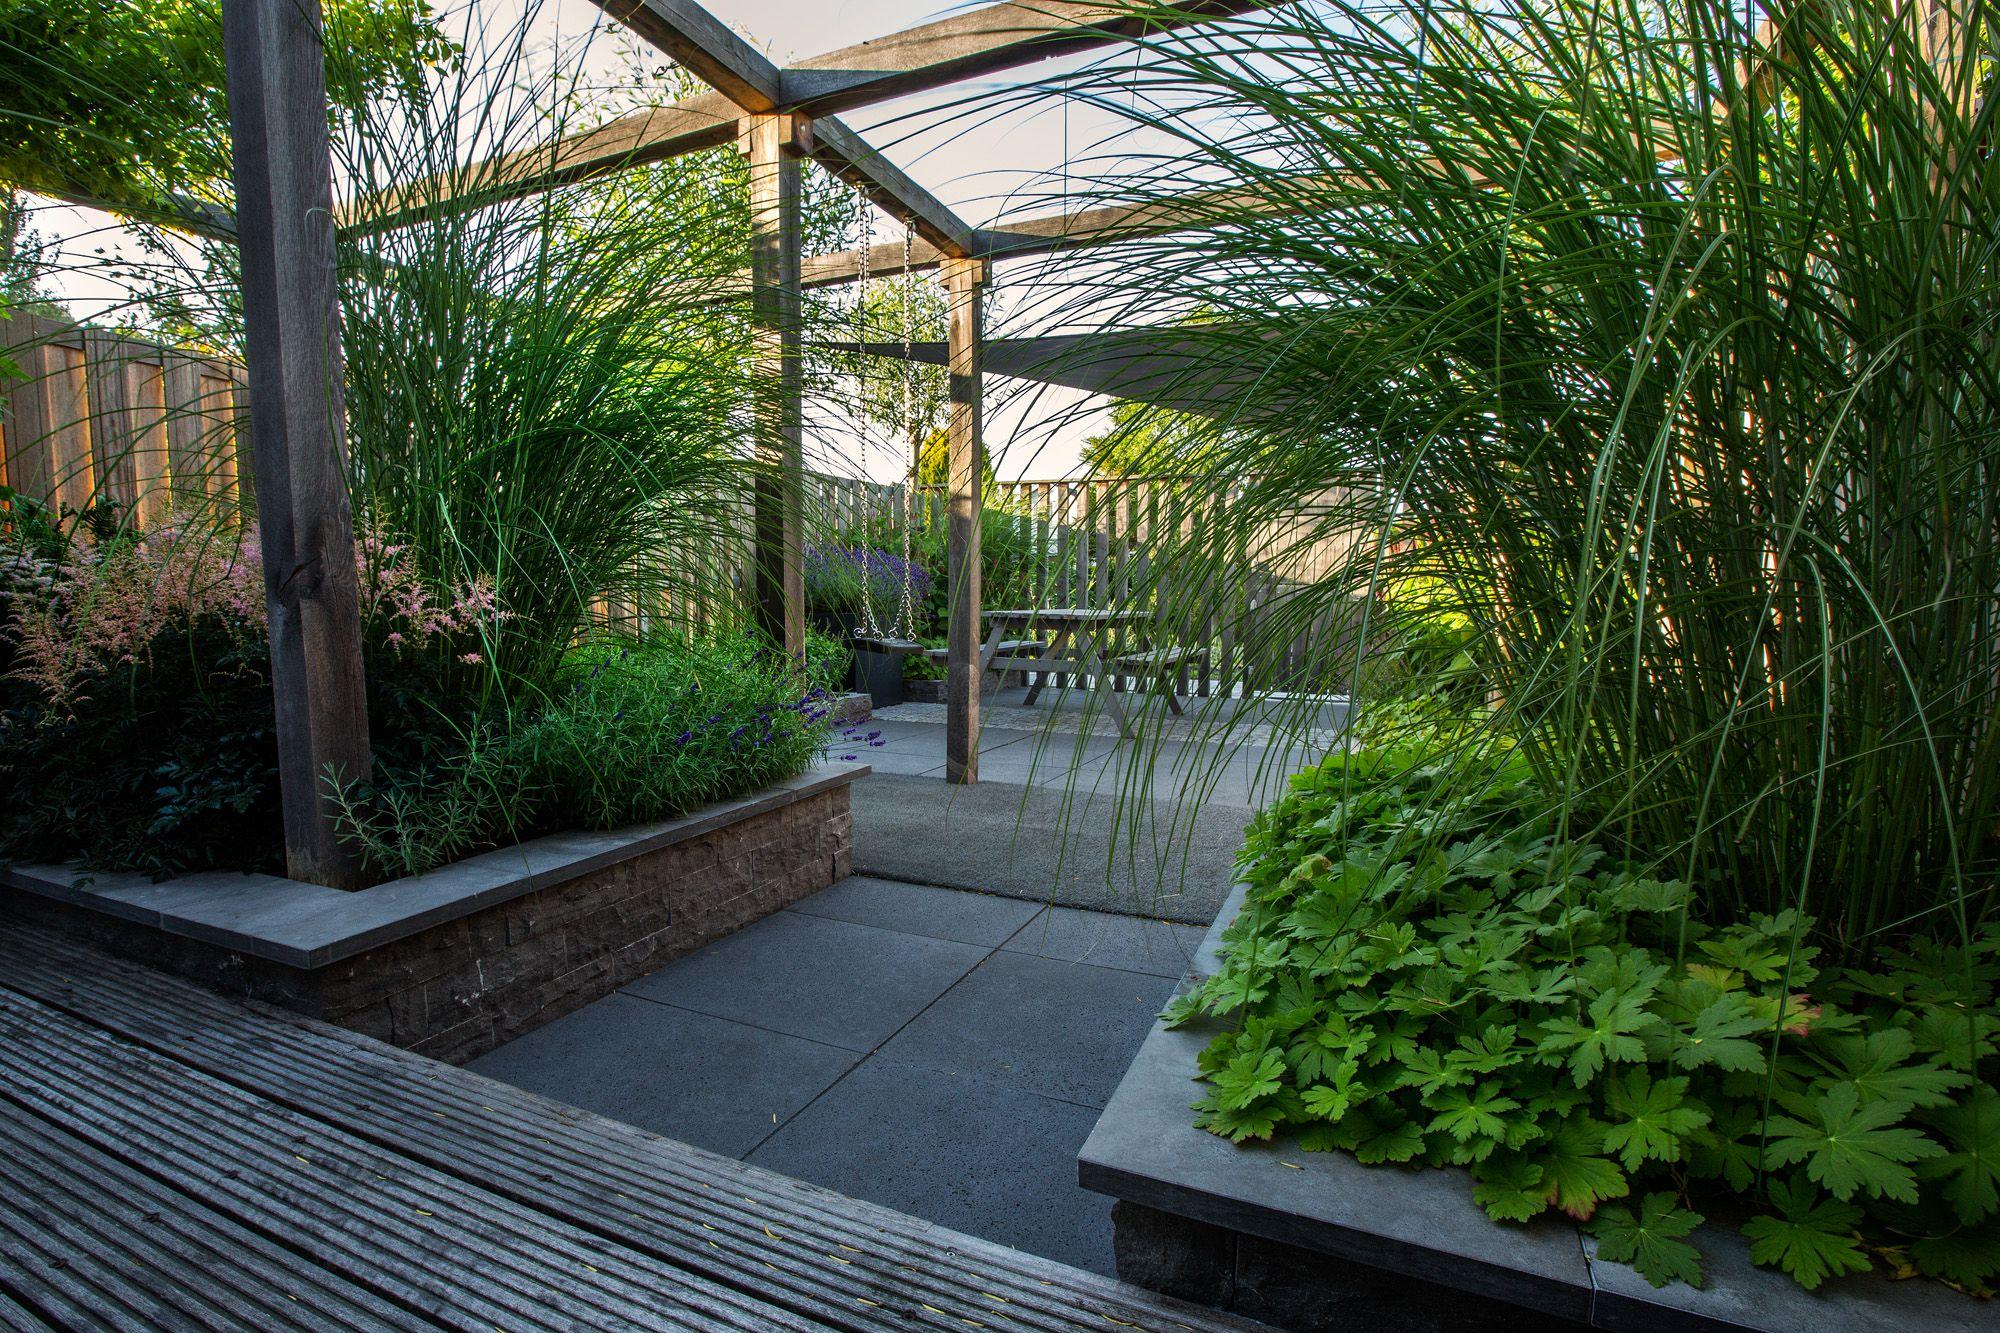 De pergola in deze moderne tuin is mooi en ook nog functioneel